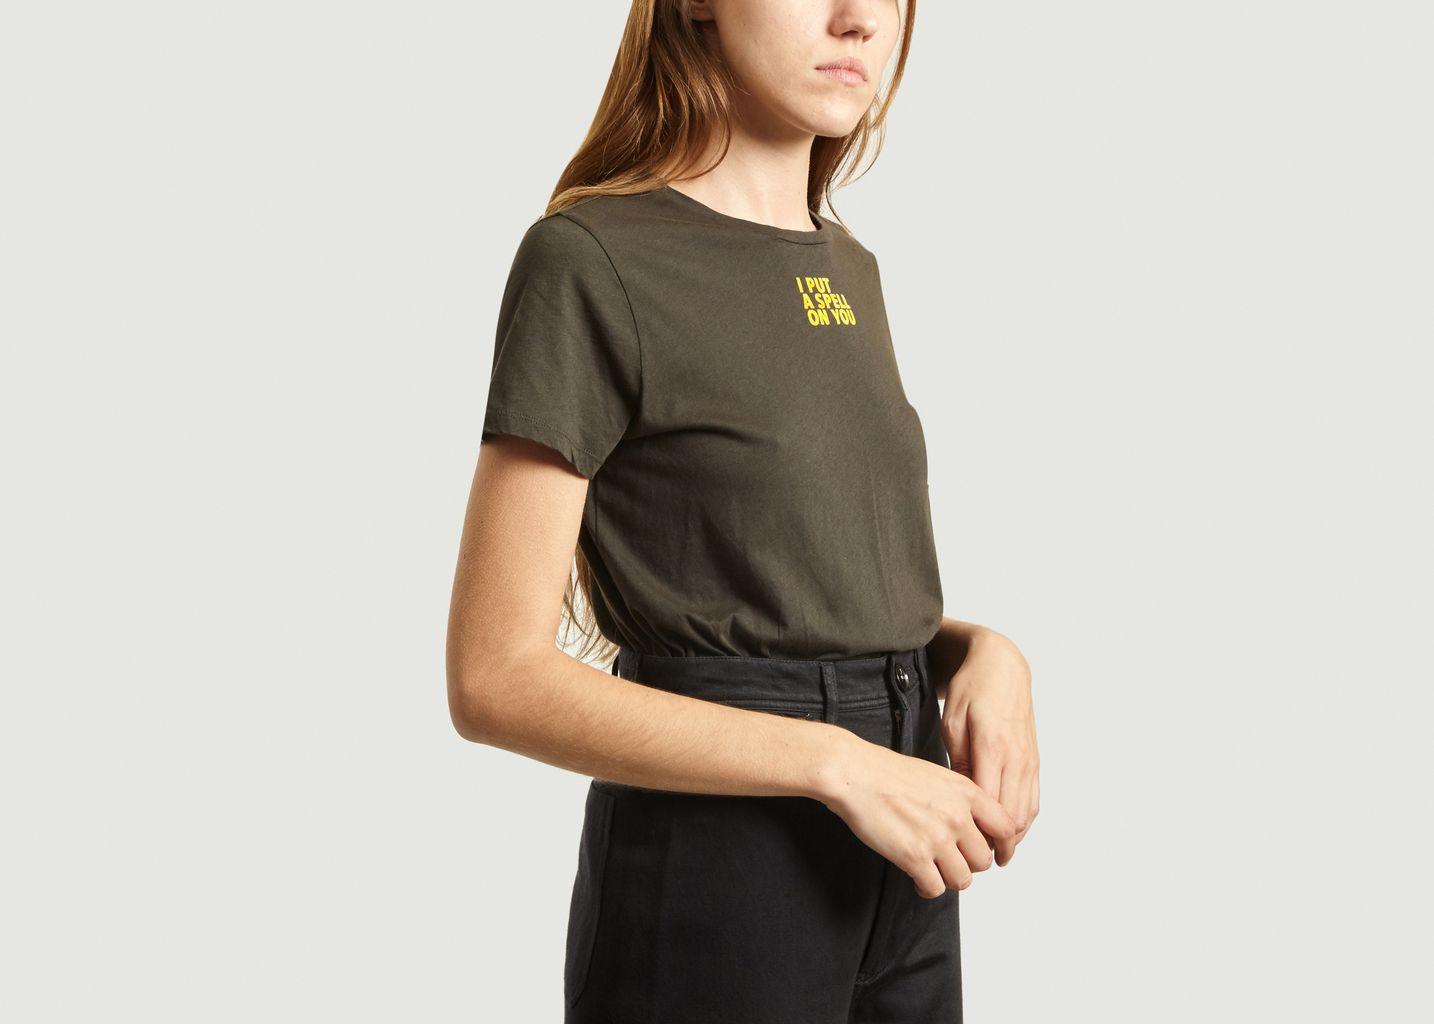 T-Shirt Avec Lettrage Covi - Bellerose